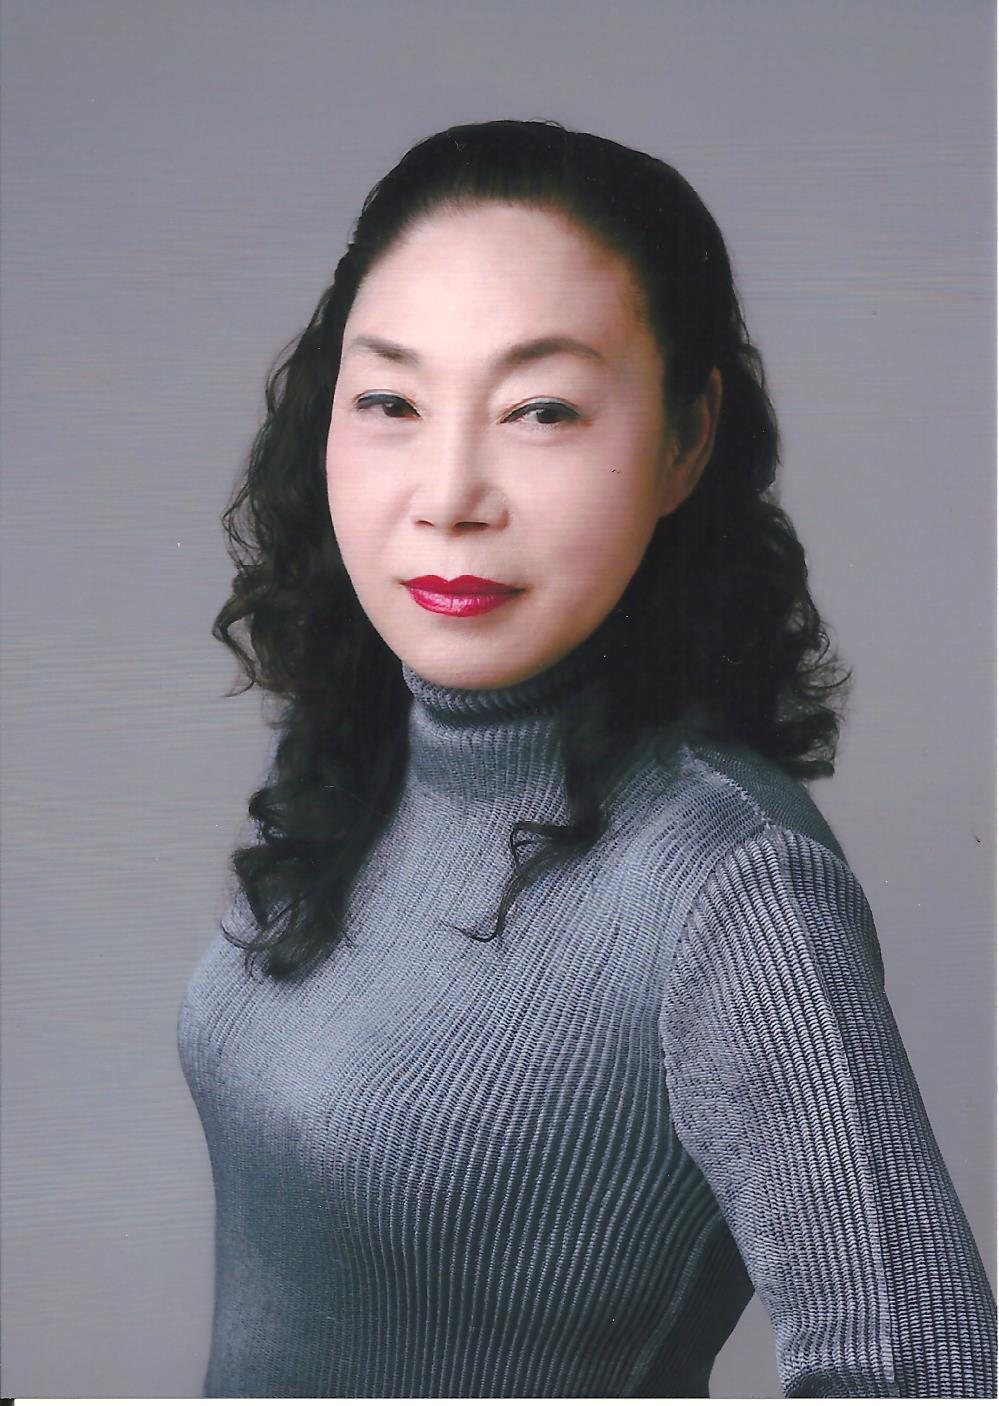 김덕숙 프로필사진1.jpg